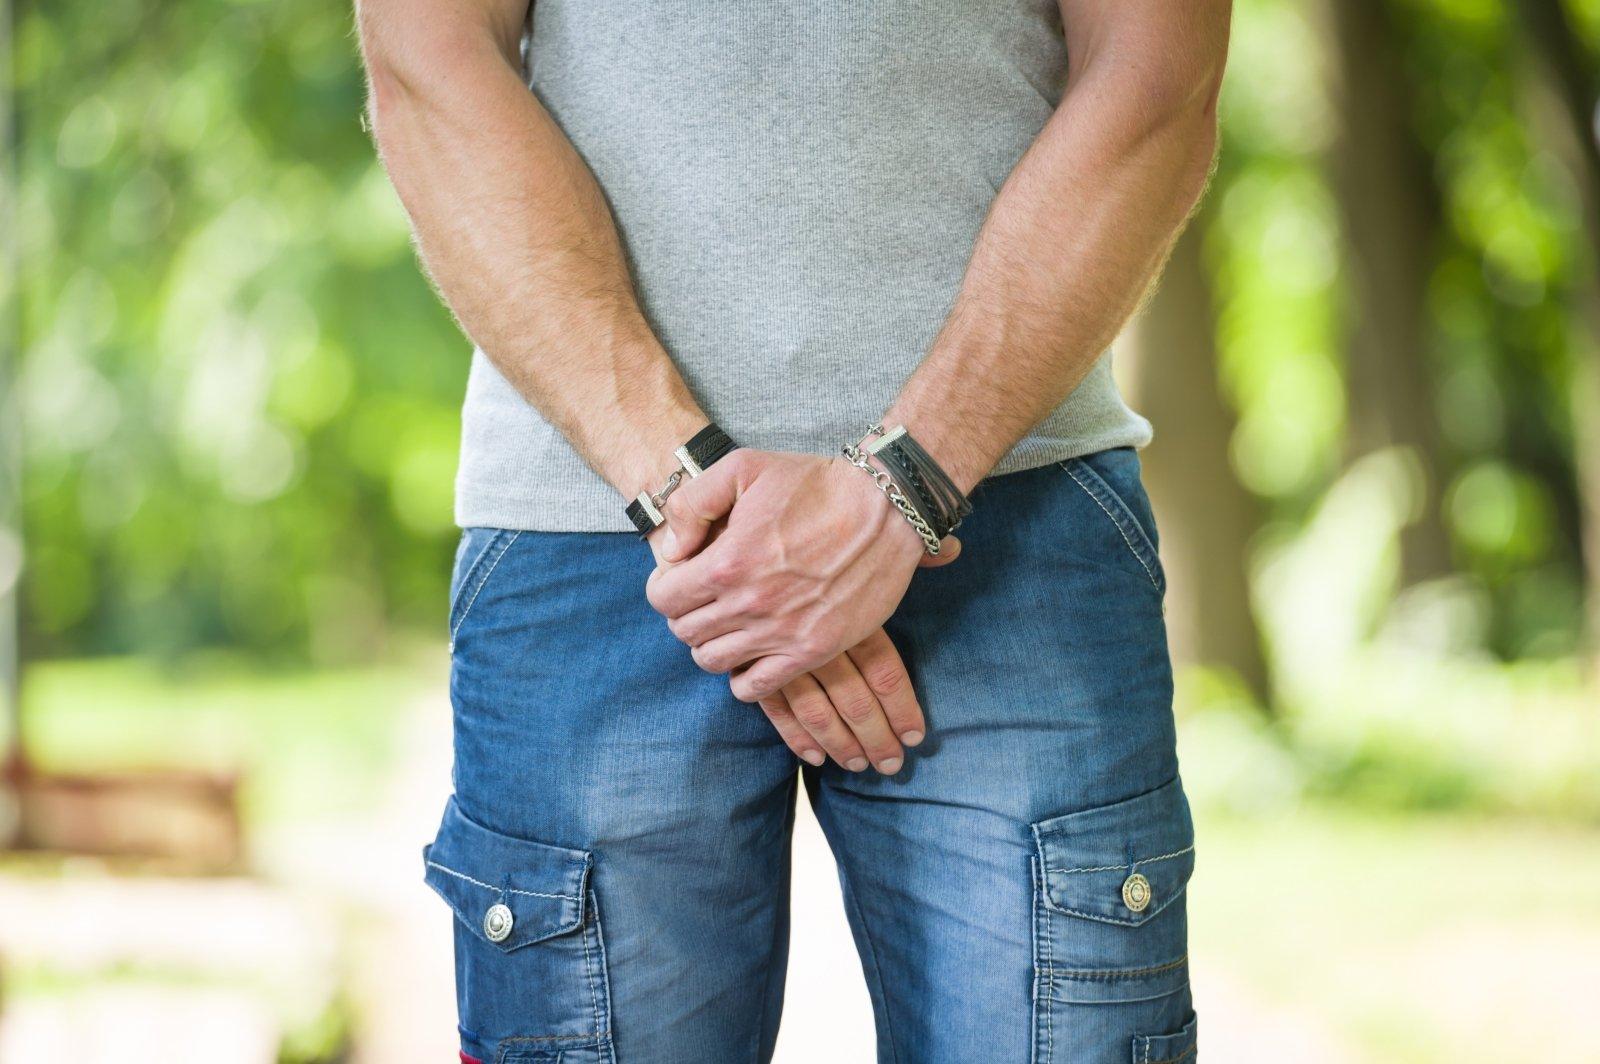 erekcijos sumažėjimas sukelia